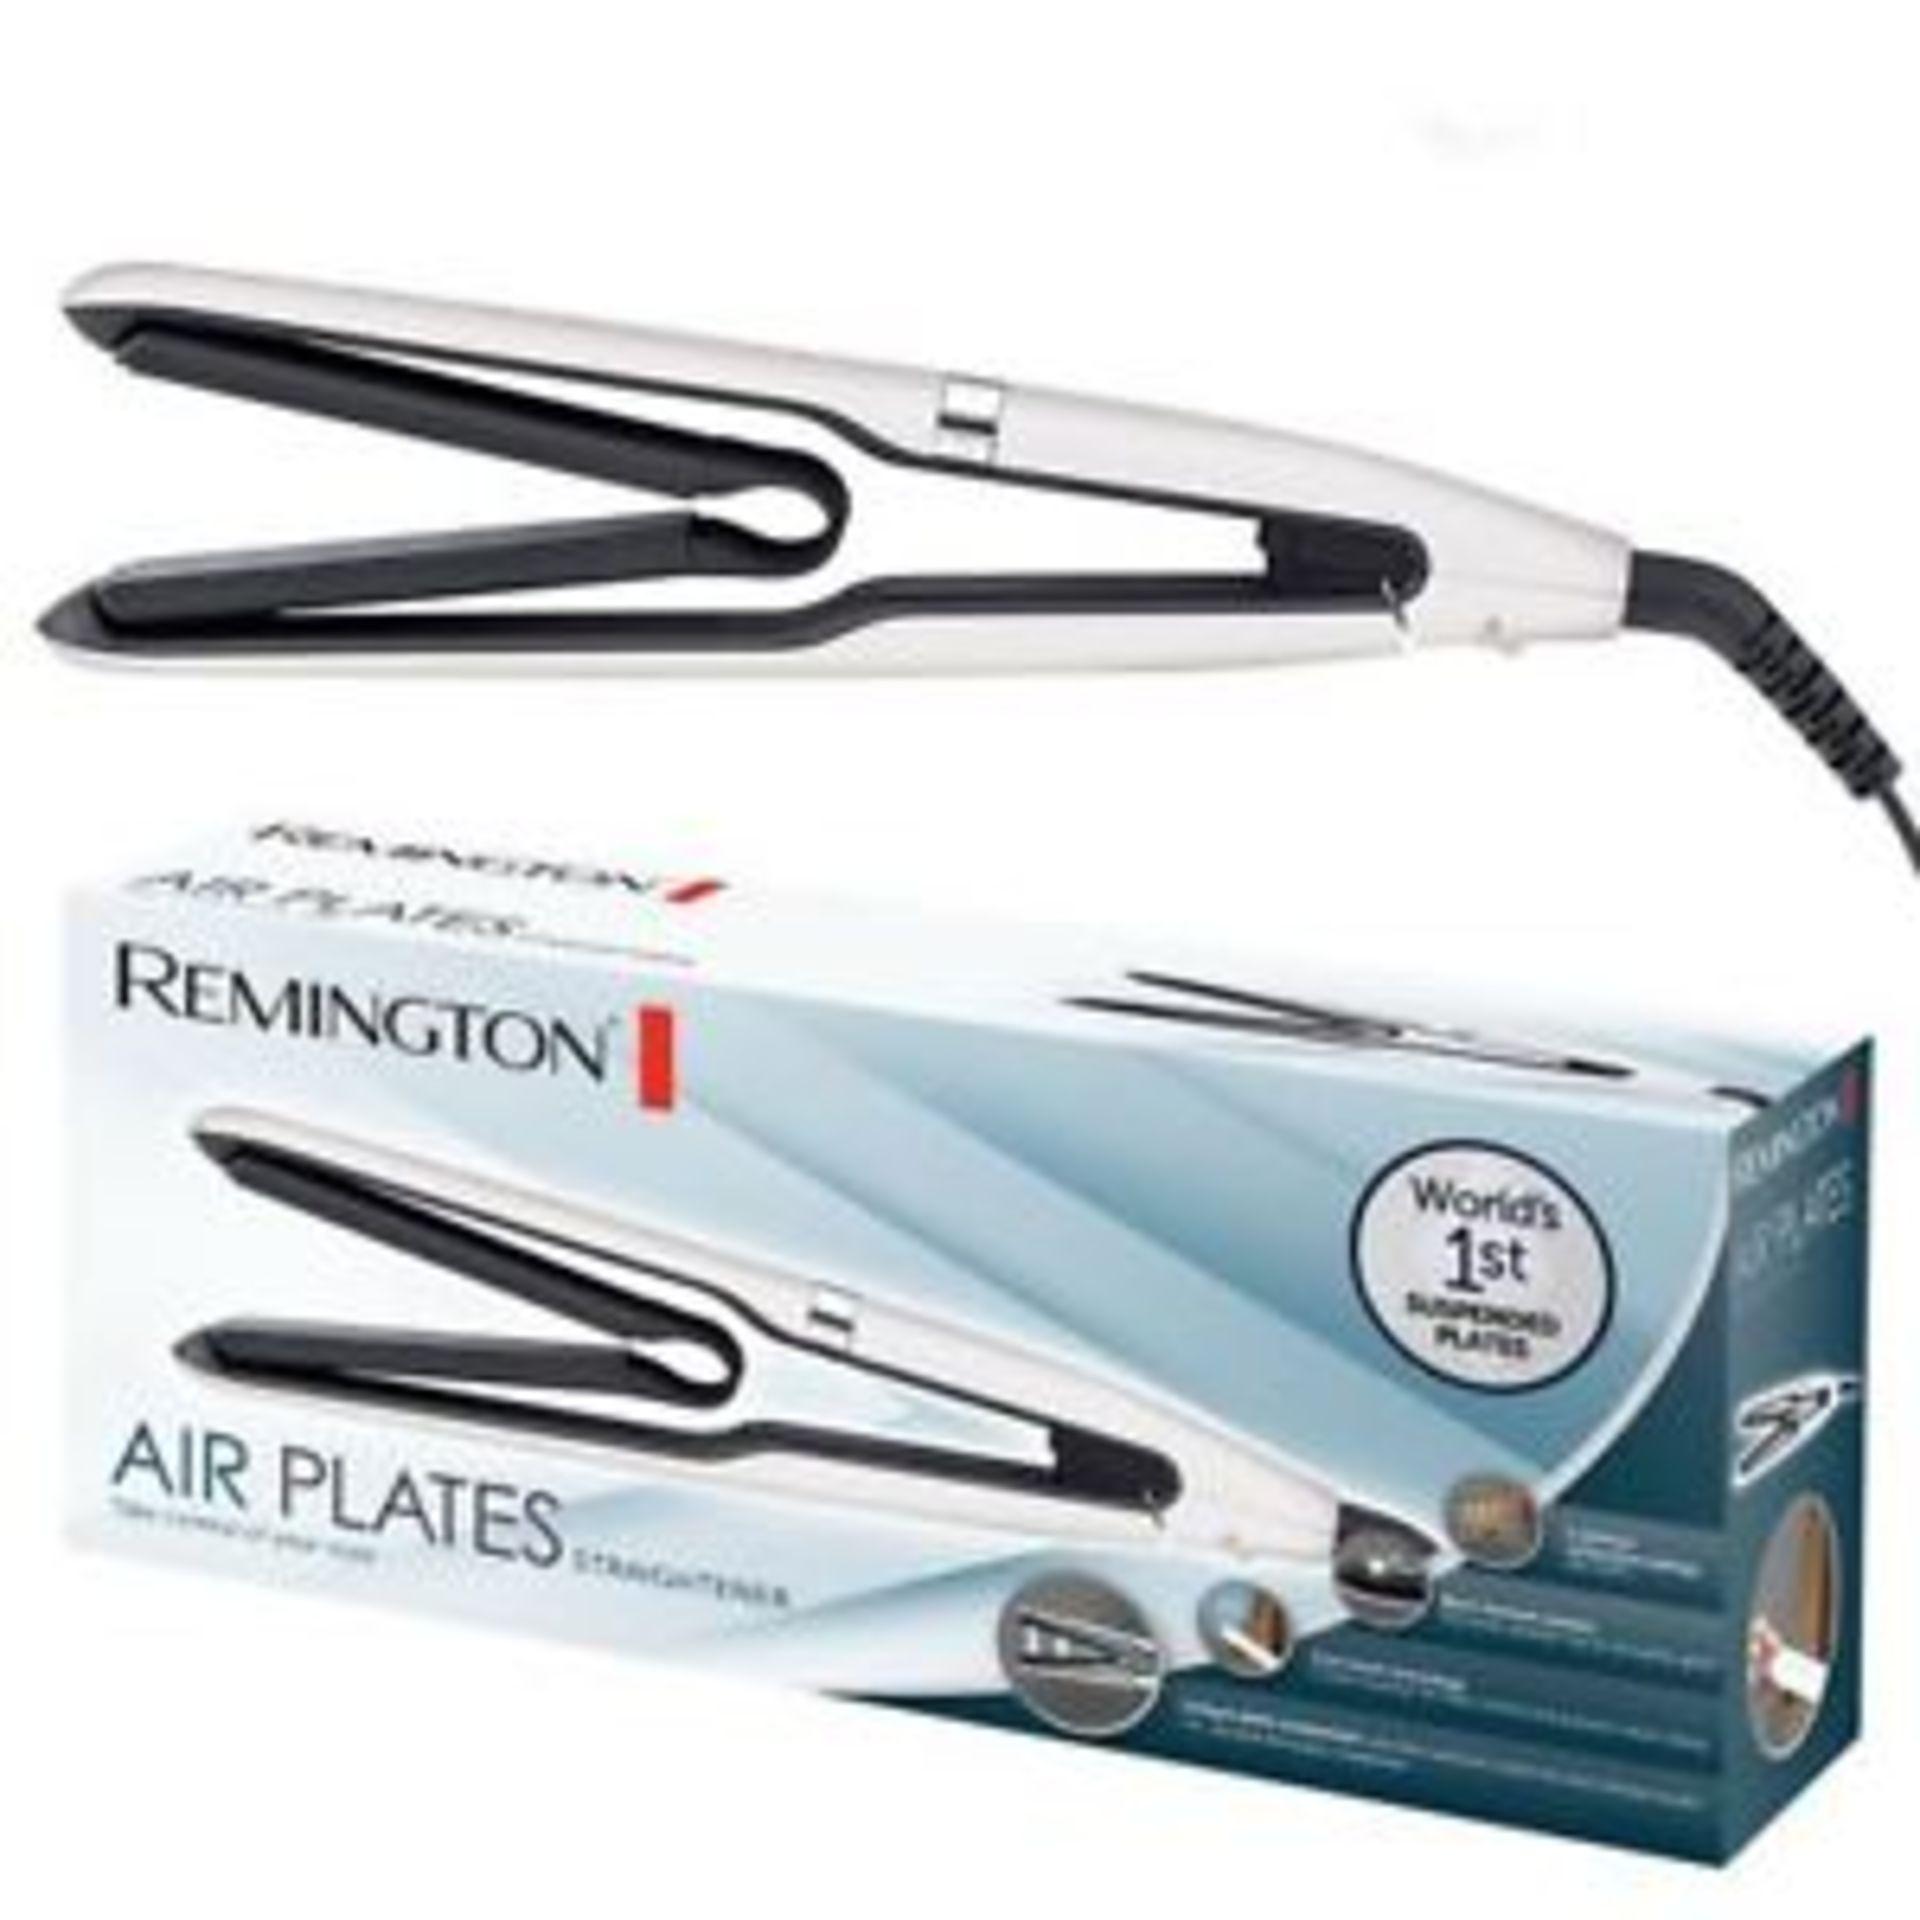 Lot 11899 - V Brand New Remington Air Plates Straightener - Argos Price £79.99 - 5 Optimum Temperature